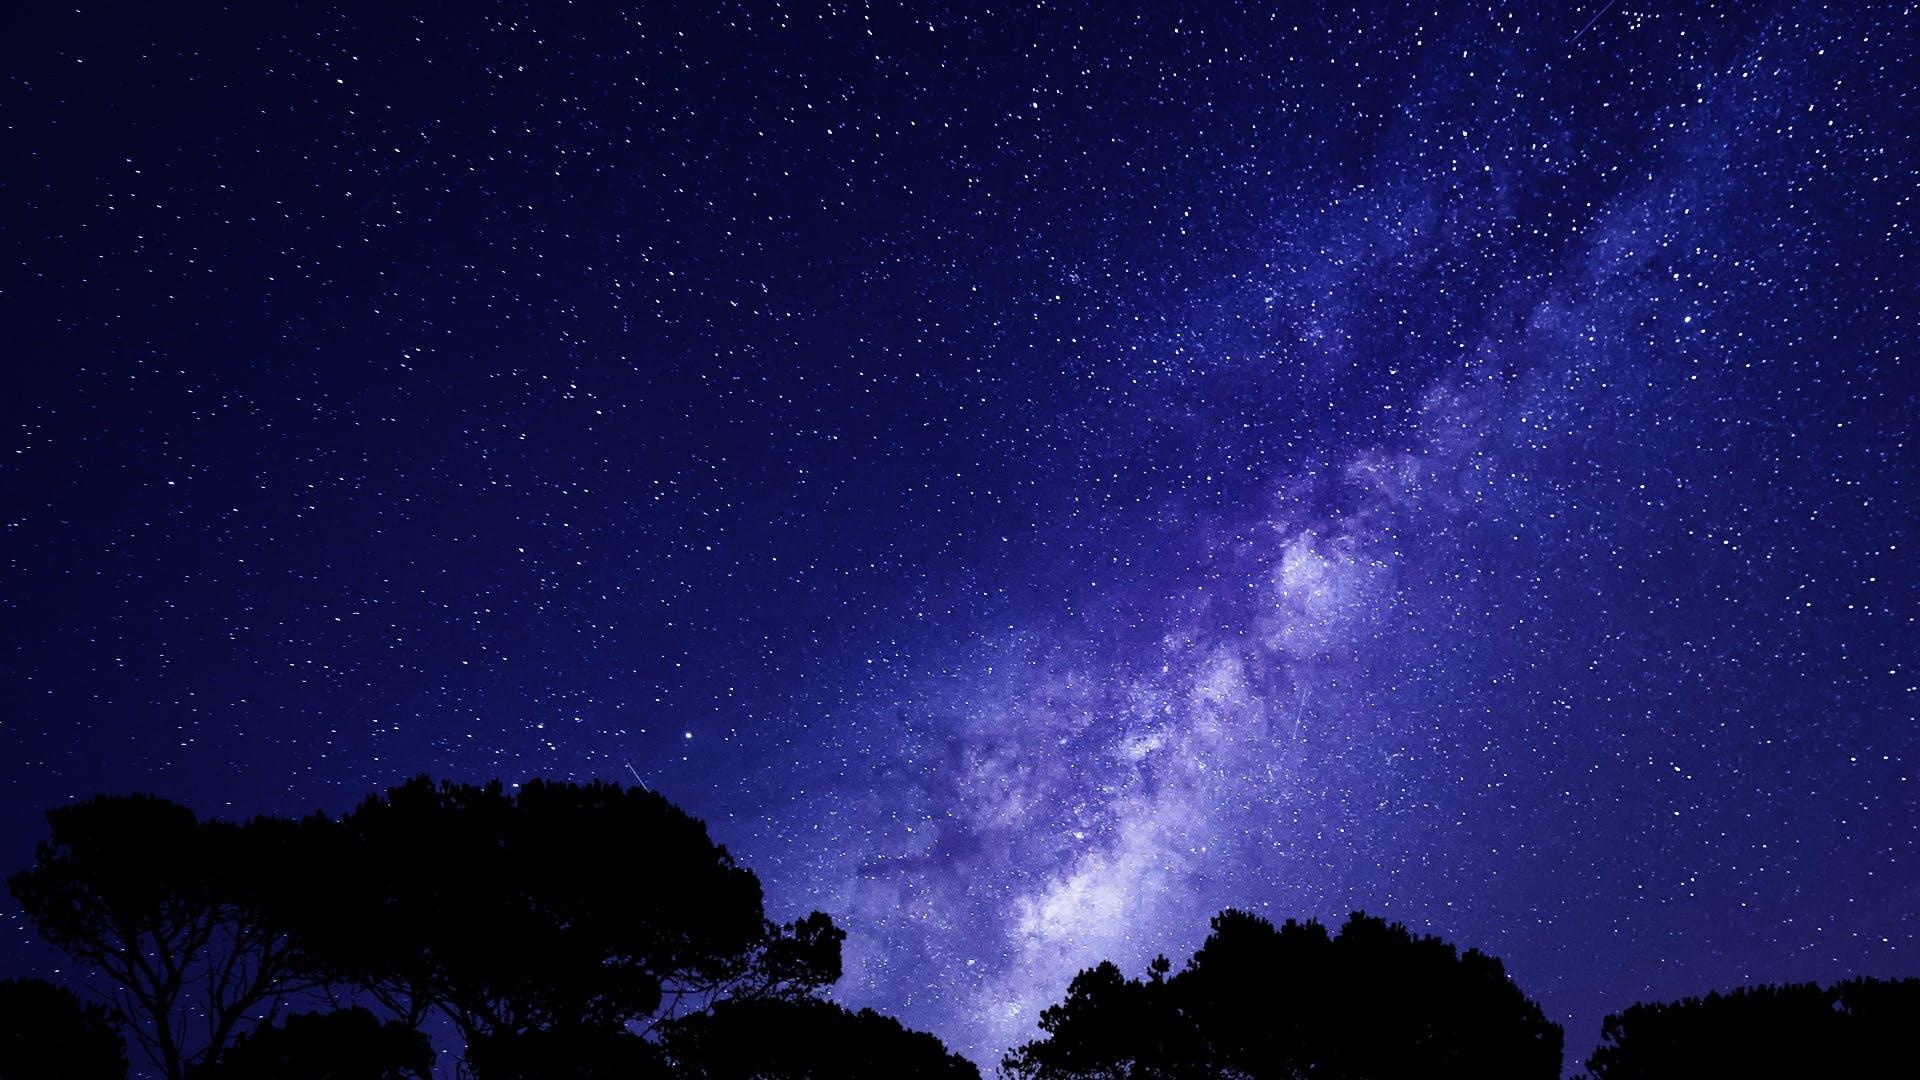 Kostenloses Stock Foto zu abend, bäume, draußen, dunkel